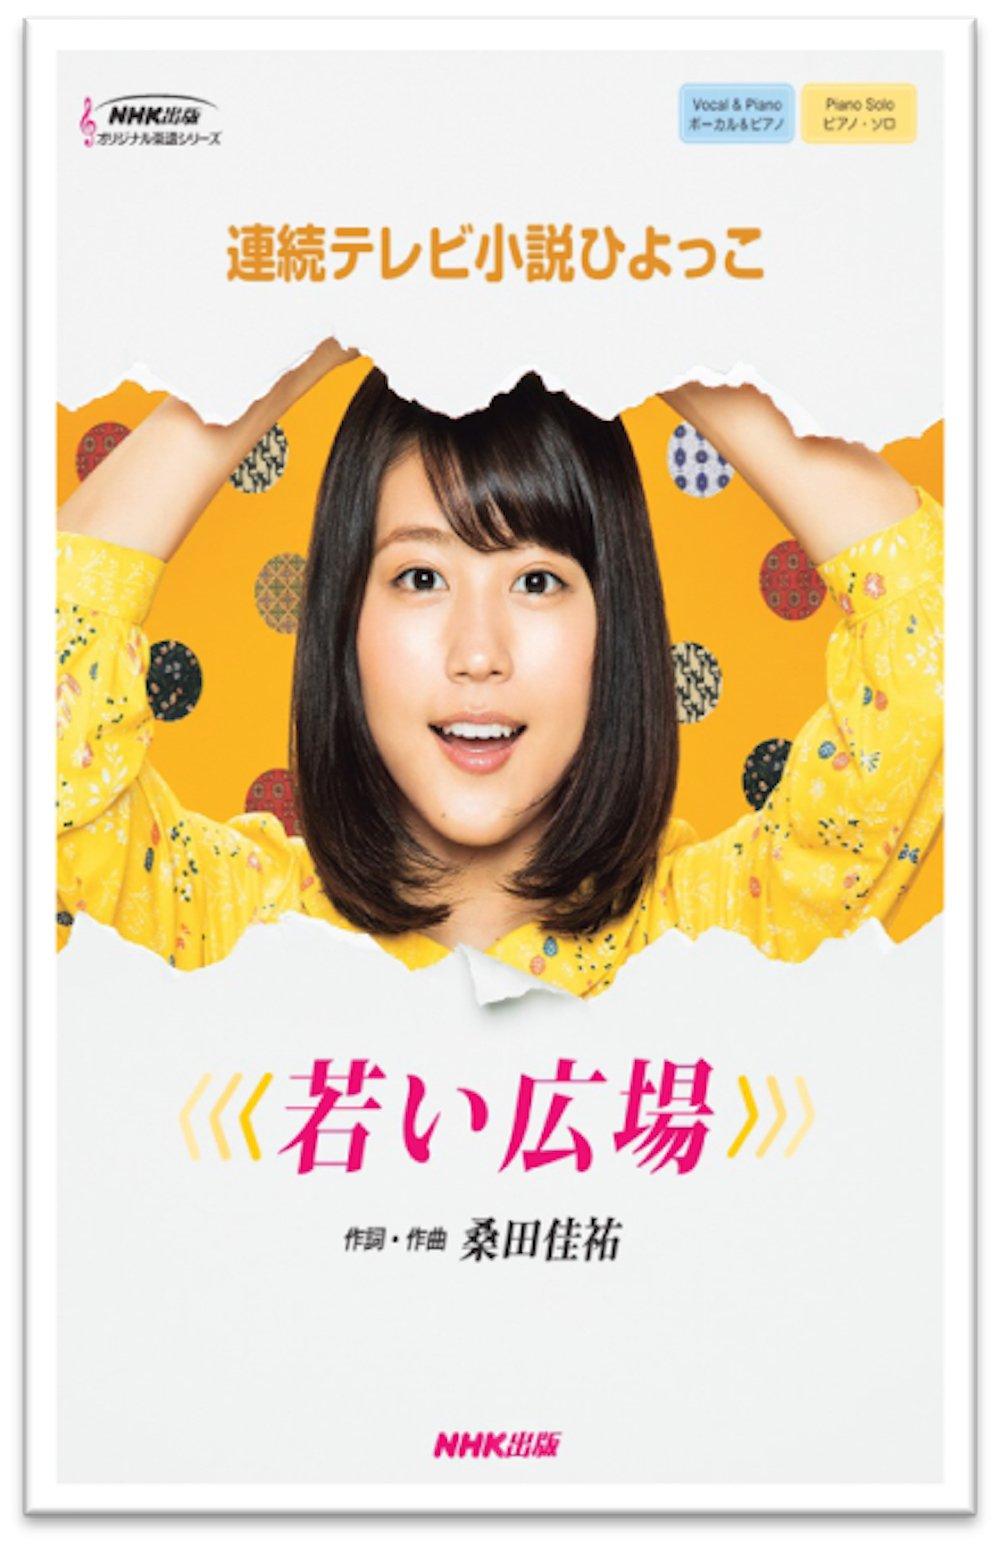 佳祐 広場 桑田 若い 桑田佳祐、「若い広場」MVは昭和のホームドラマ風!?